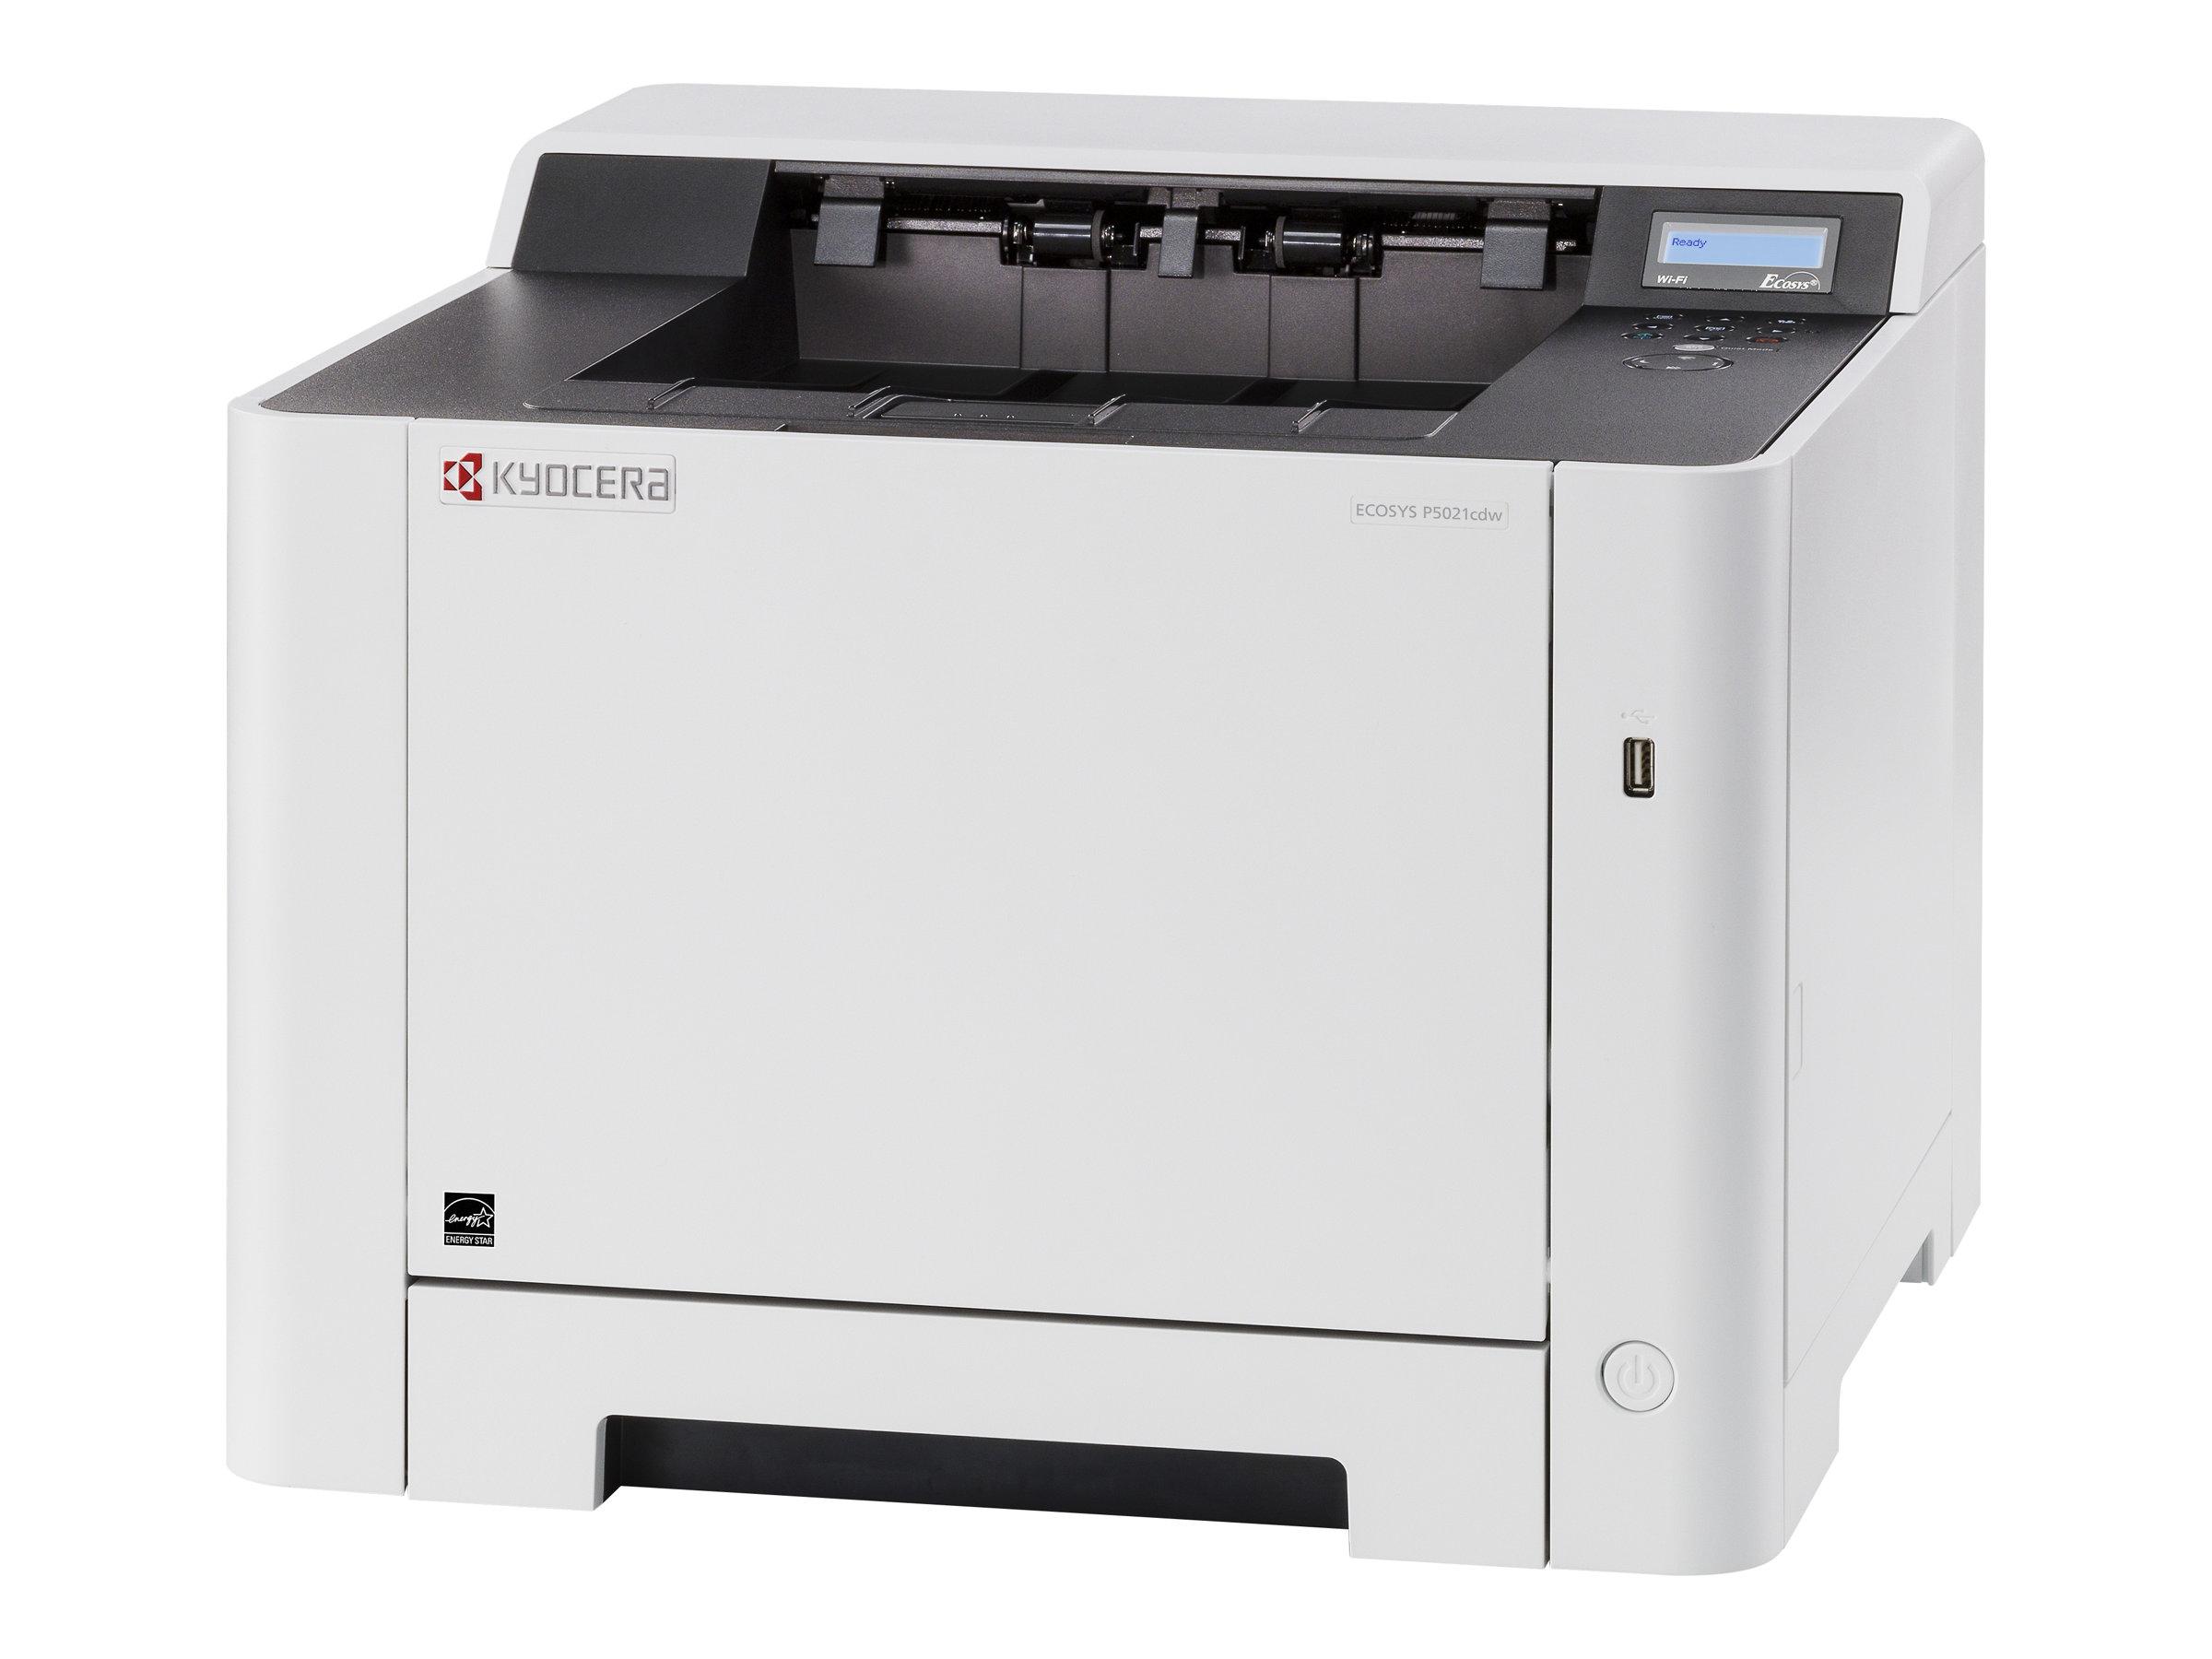 Kyocera ECOSYS P5021cdw - Drucker - Farbe - Duplex - Laser - A4/Legal - 9600 x 600 dpi - bis zu 21 Seiten/Min. (einfarbig)/